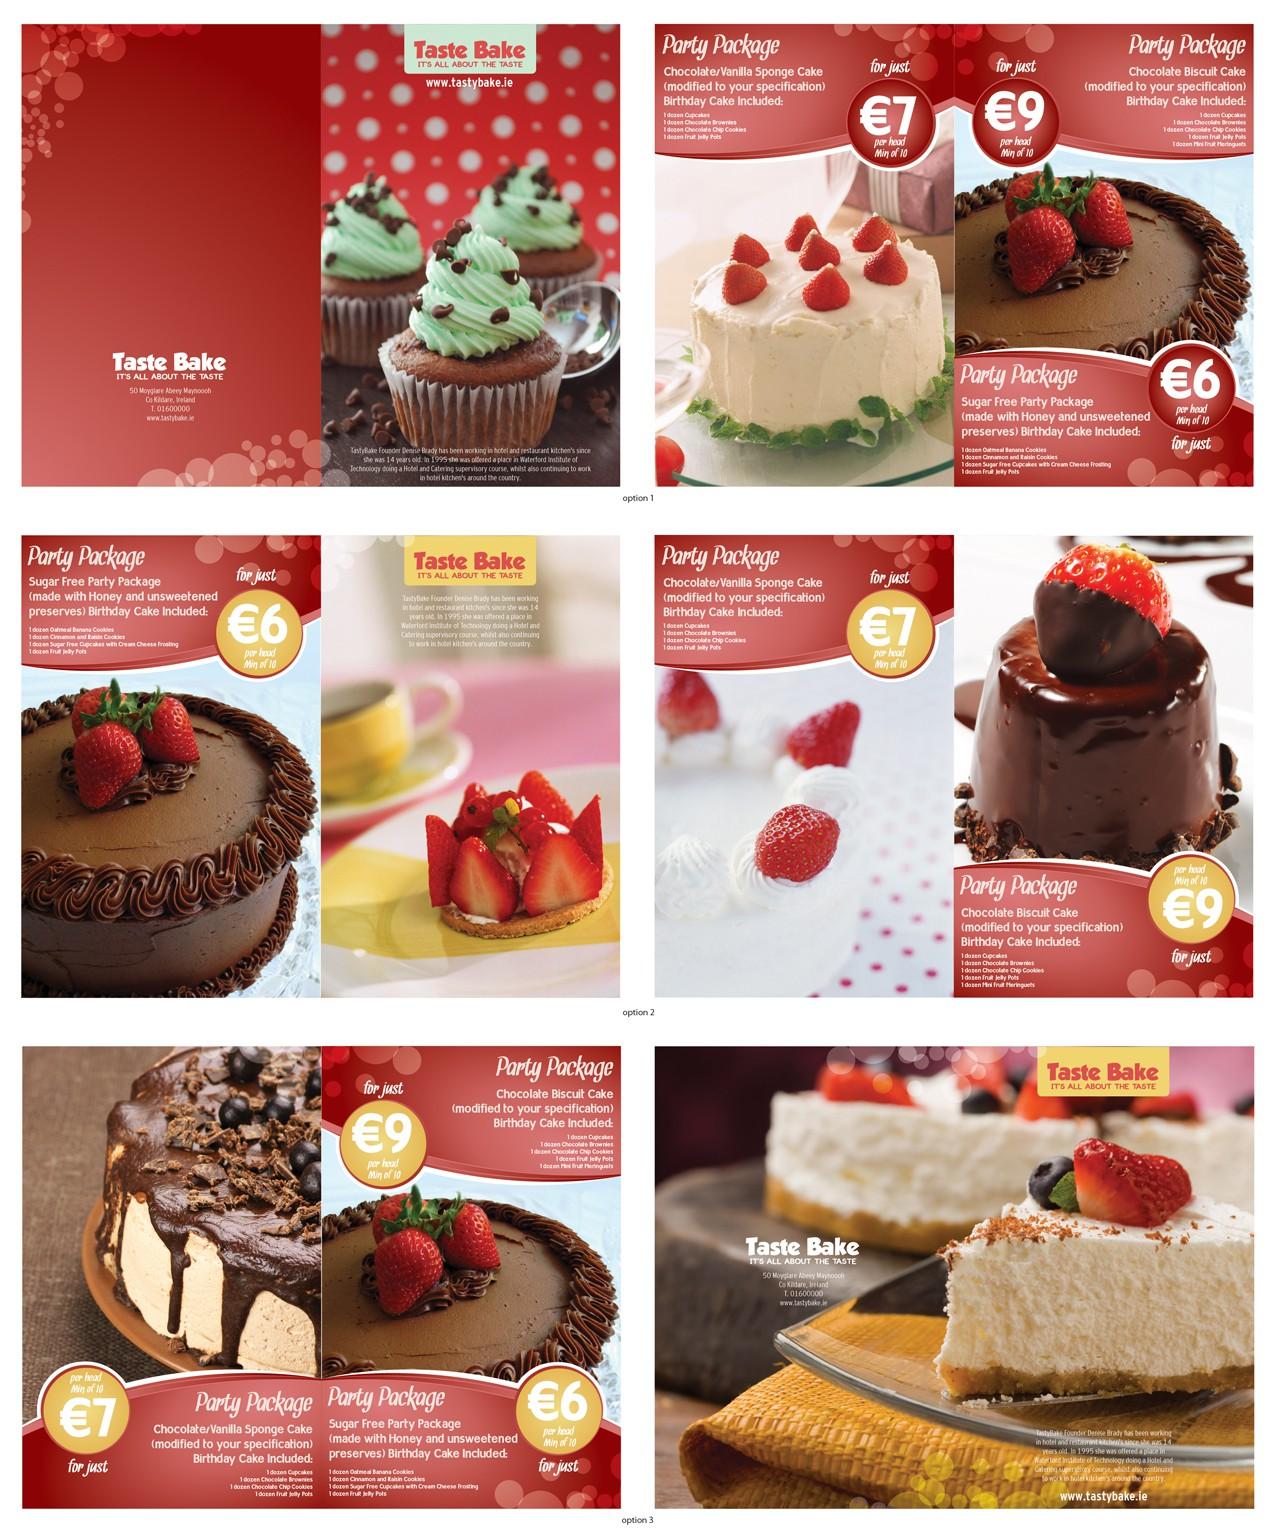 Create the next print or packaging design for TastyBake Ltd